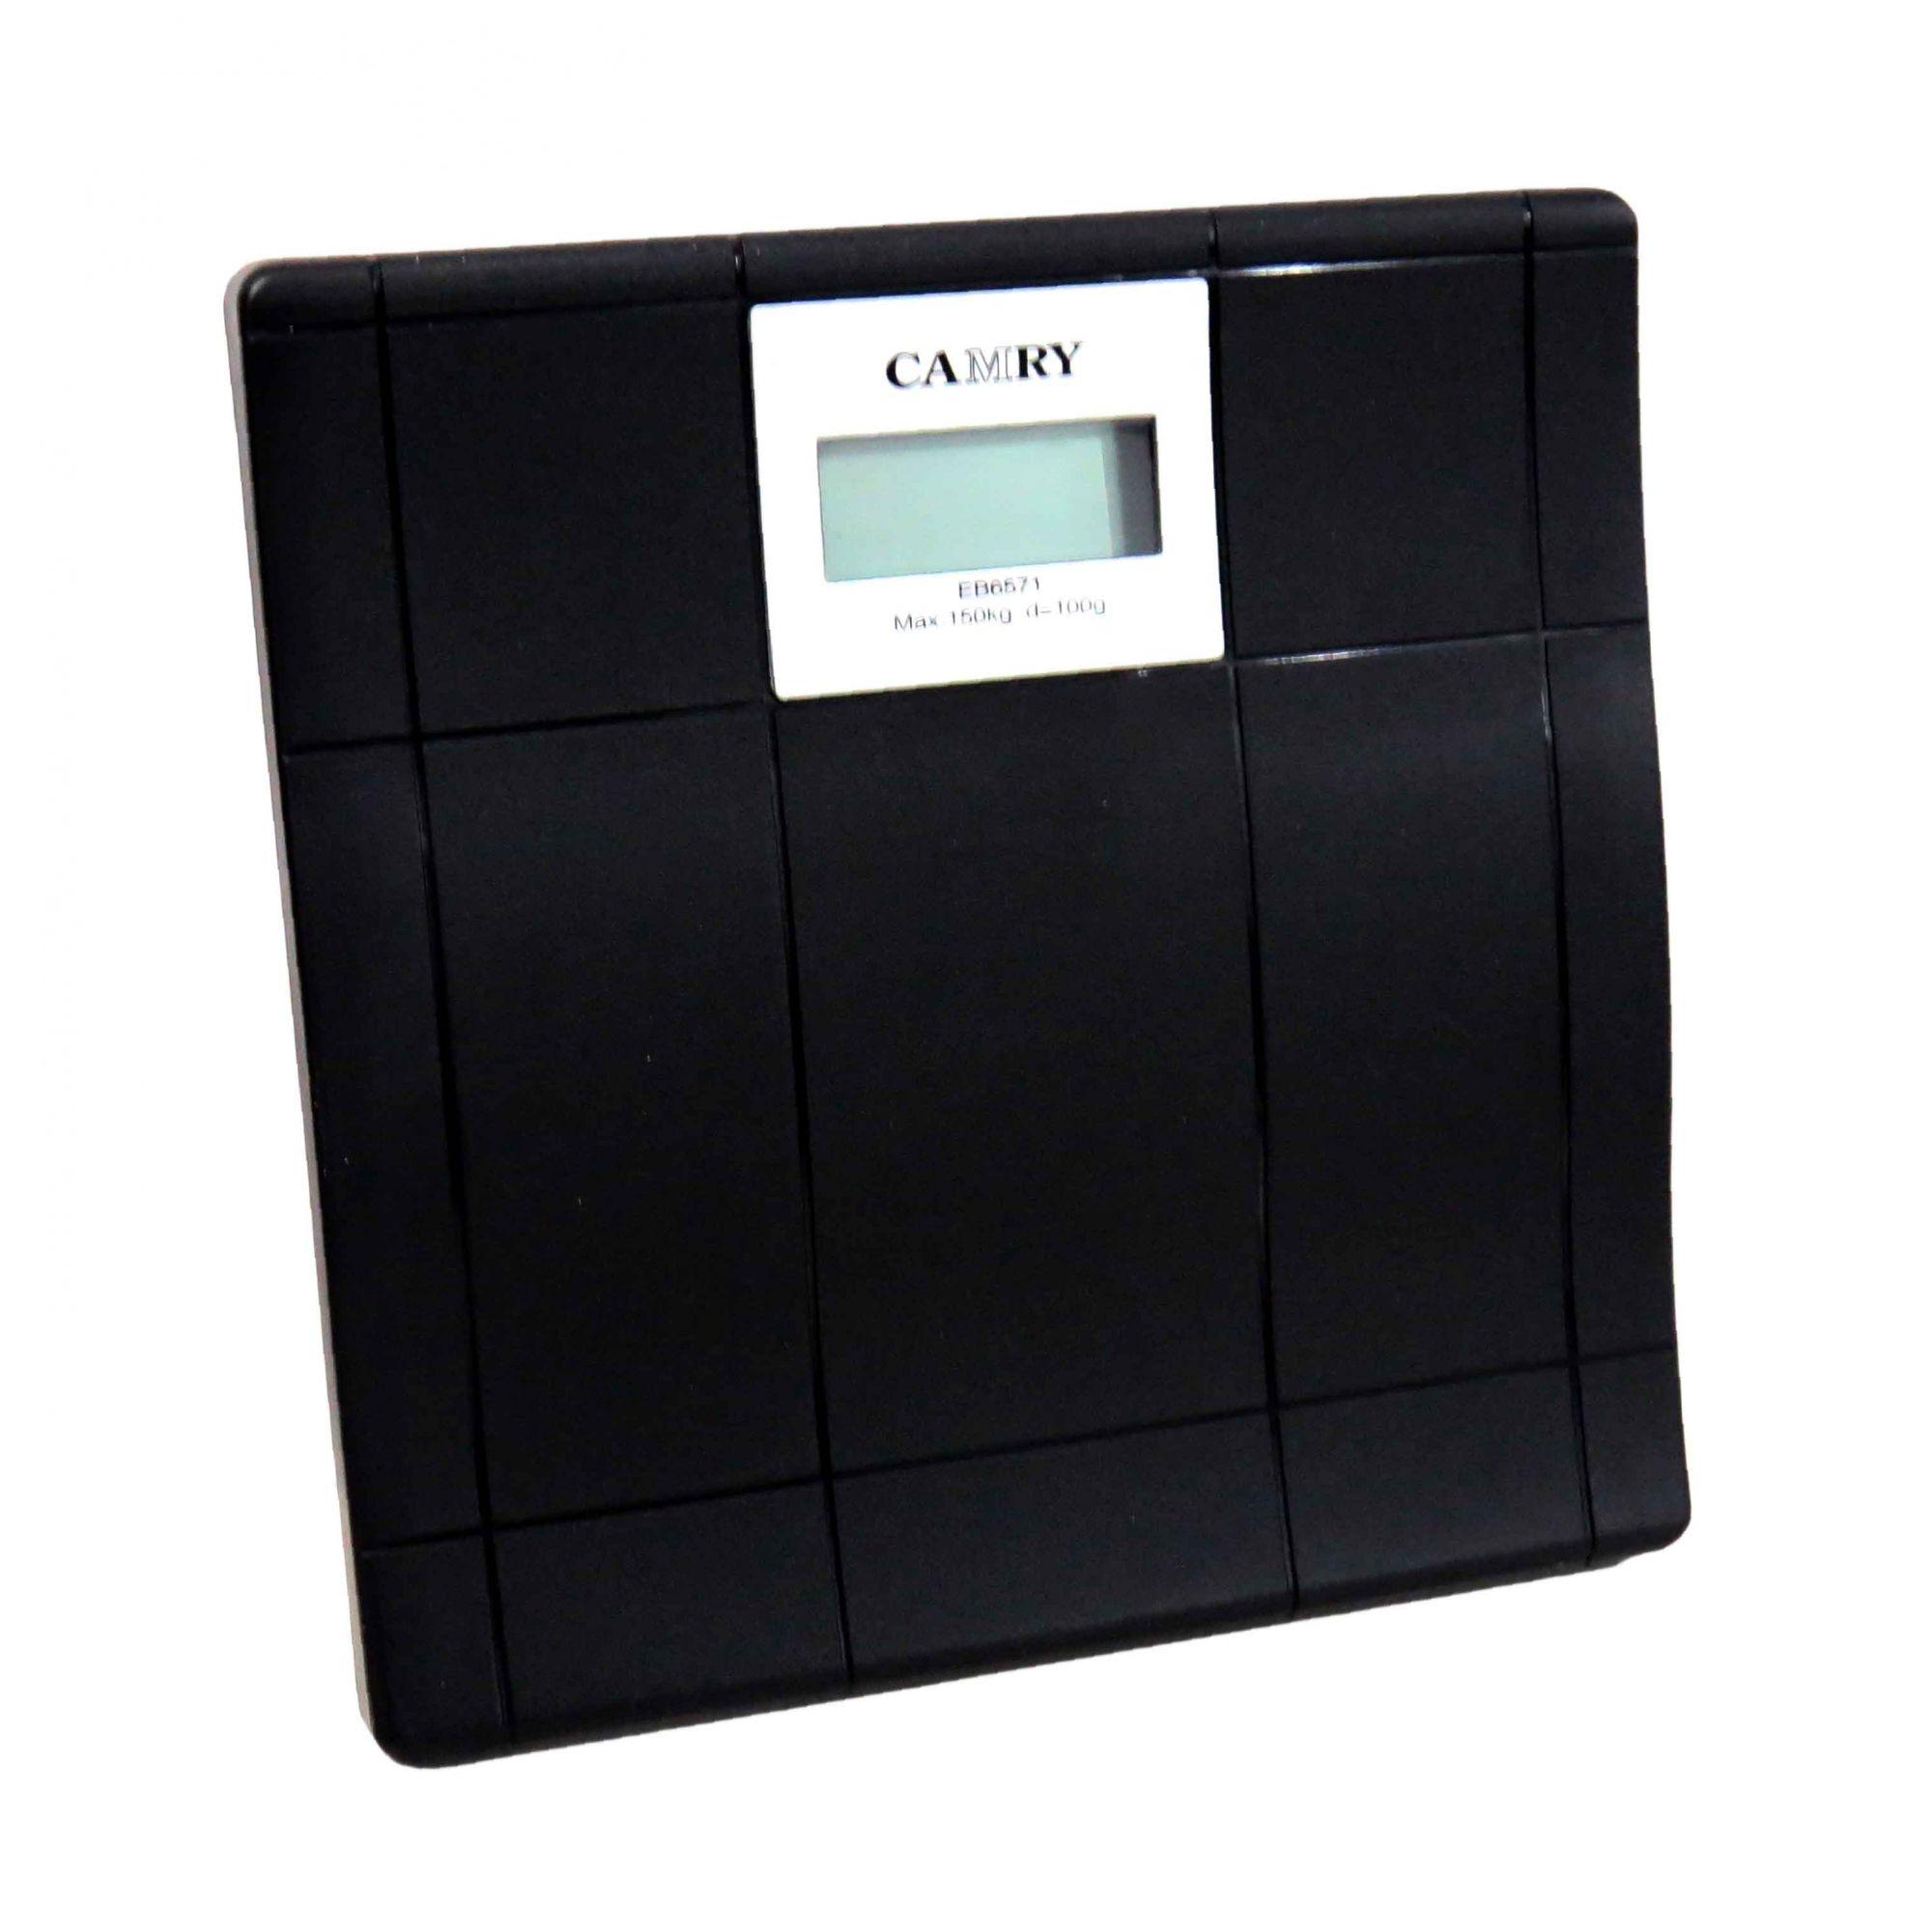 Balança Digital Para Banheiro Doméstica Preta Até 150kg Cód.EB-6571